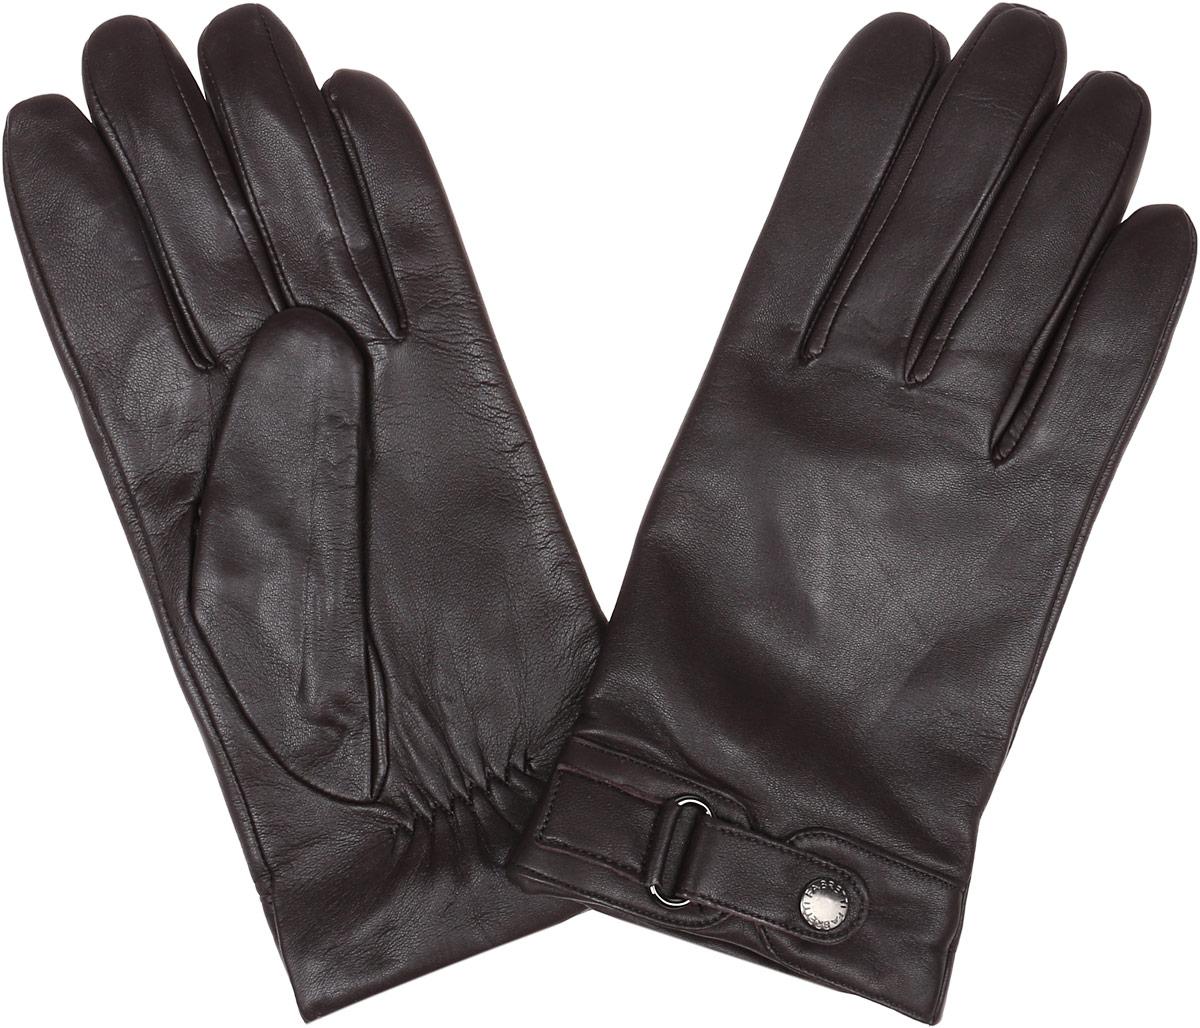 Перчатки мужские Fabretti, цвет: темно-коричневый. 12.51-2. Размер 9,512.51-2 chocolateСтильные мужские перчатки Fabretti не только защитят ваши руки, но и станут великолепным украшением. Перчатки выполнены из натуральной кожи ягненка, а их подкладка - из высококачественной шерсти с добавлением кашемира.Модель дополнена декоративным хлястиком на кнопке. Перчатки имеют строчки-стежки на запястье, которые придают большее удобство при носке.Стильный аксессуар для повседневного образа.